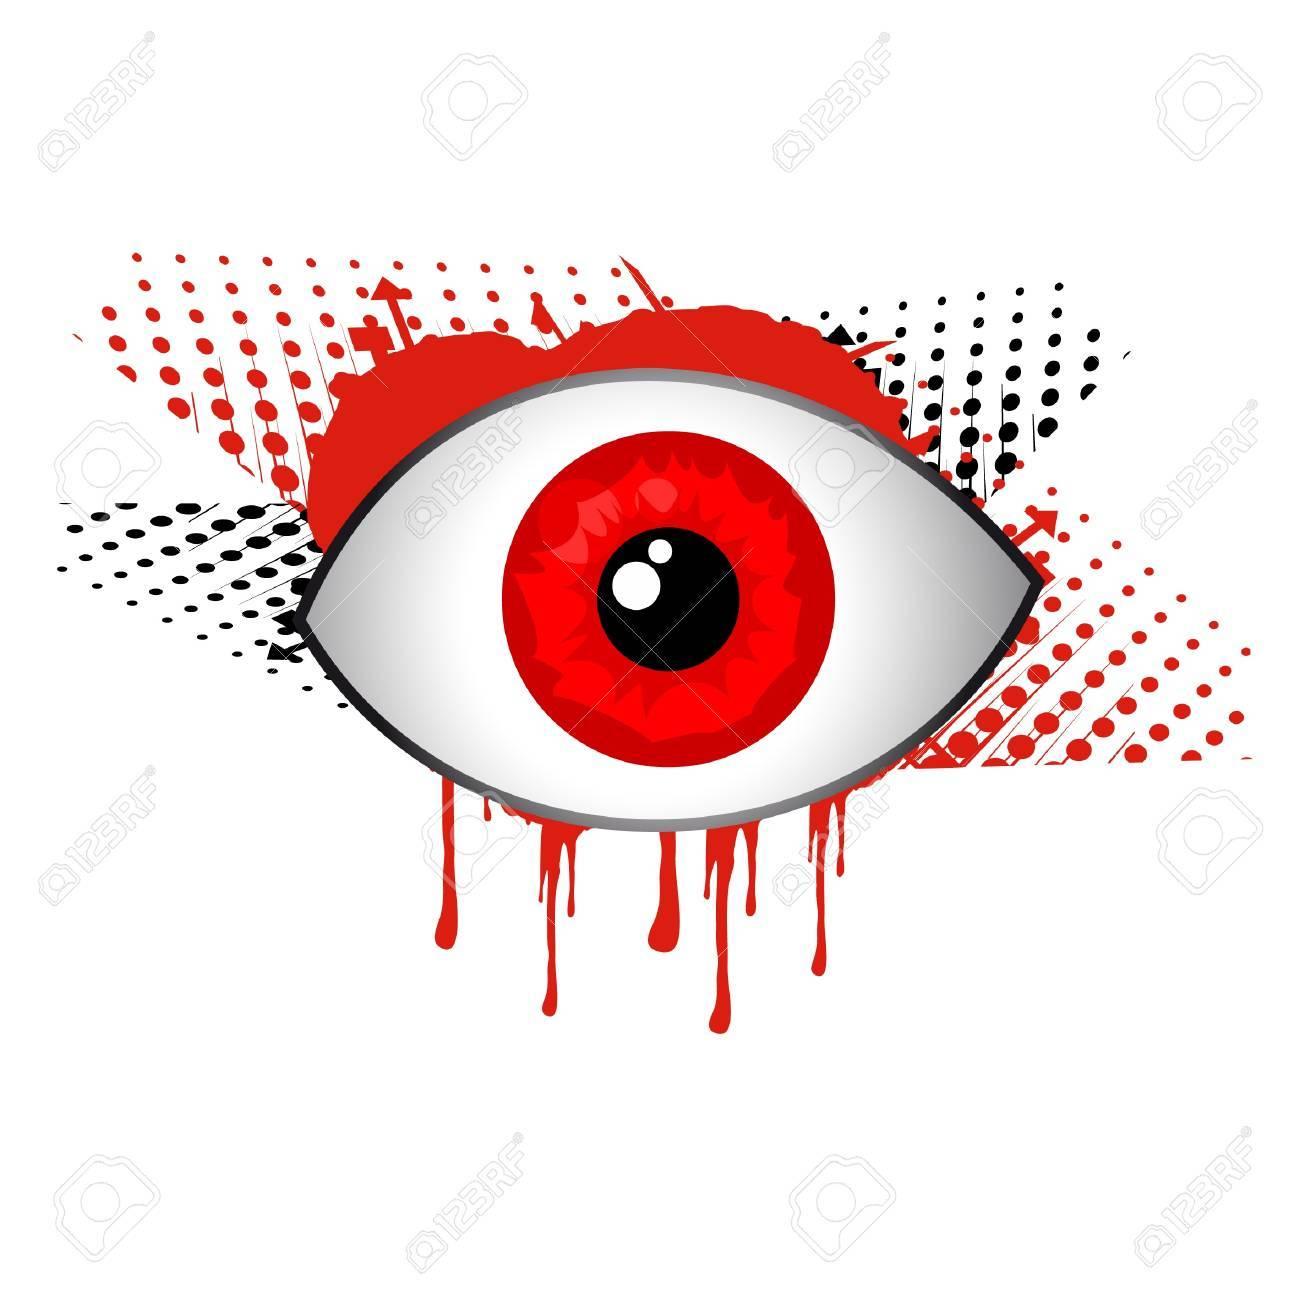 Red eye design Stock Vector - 10876852